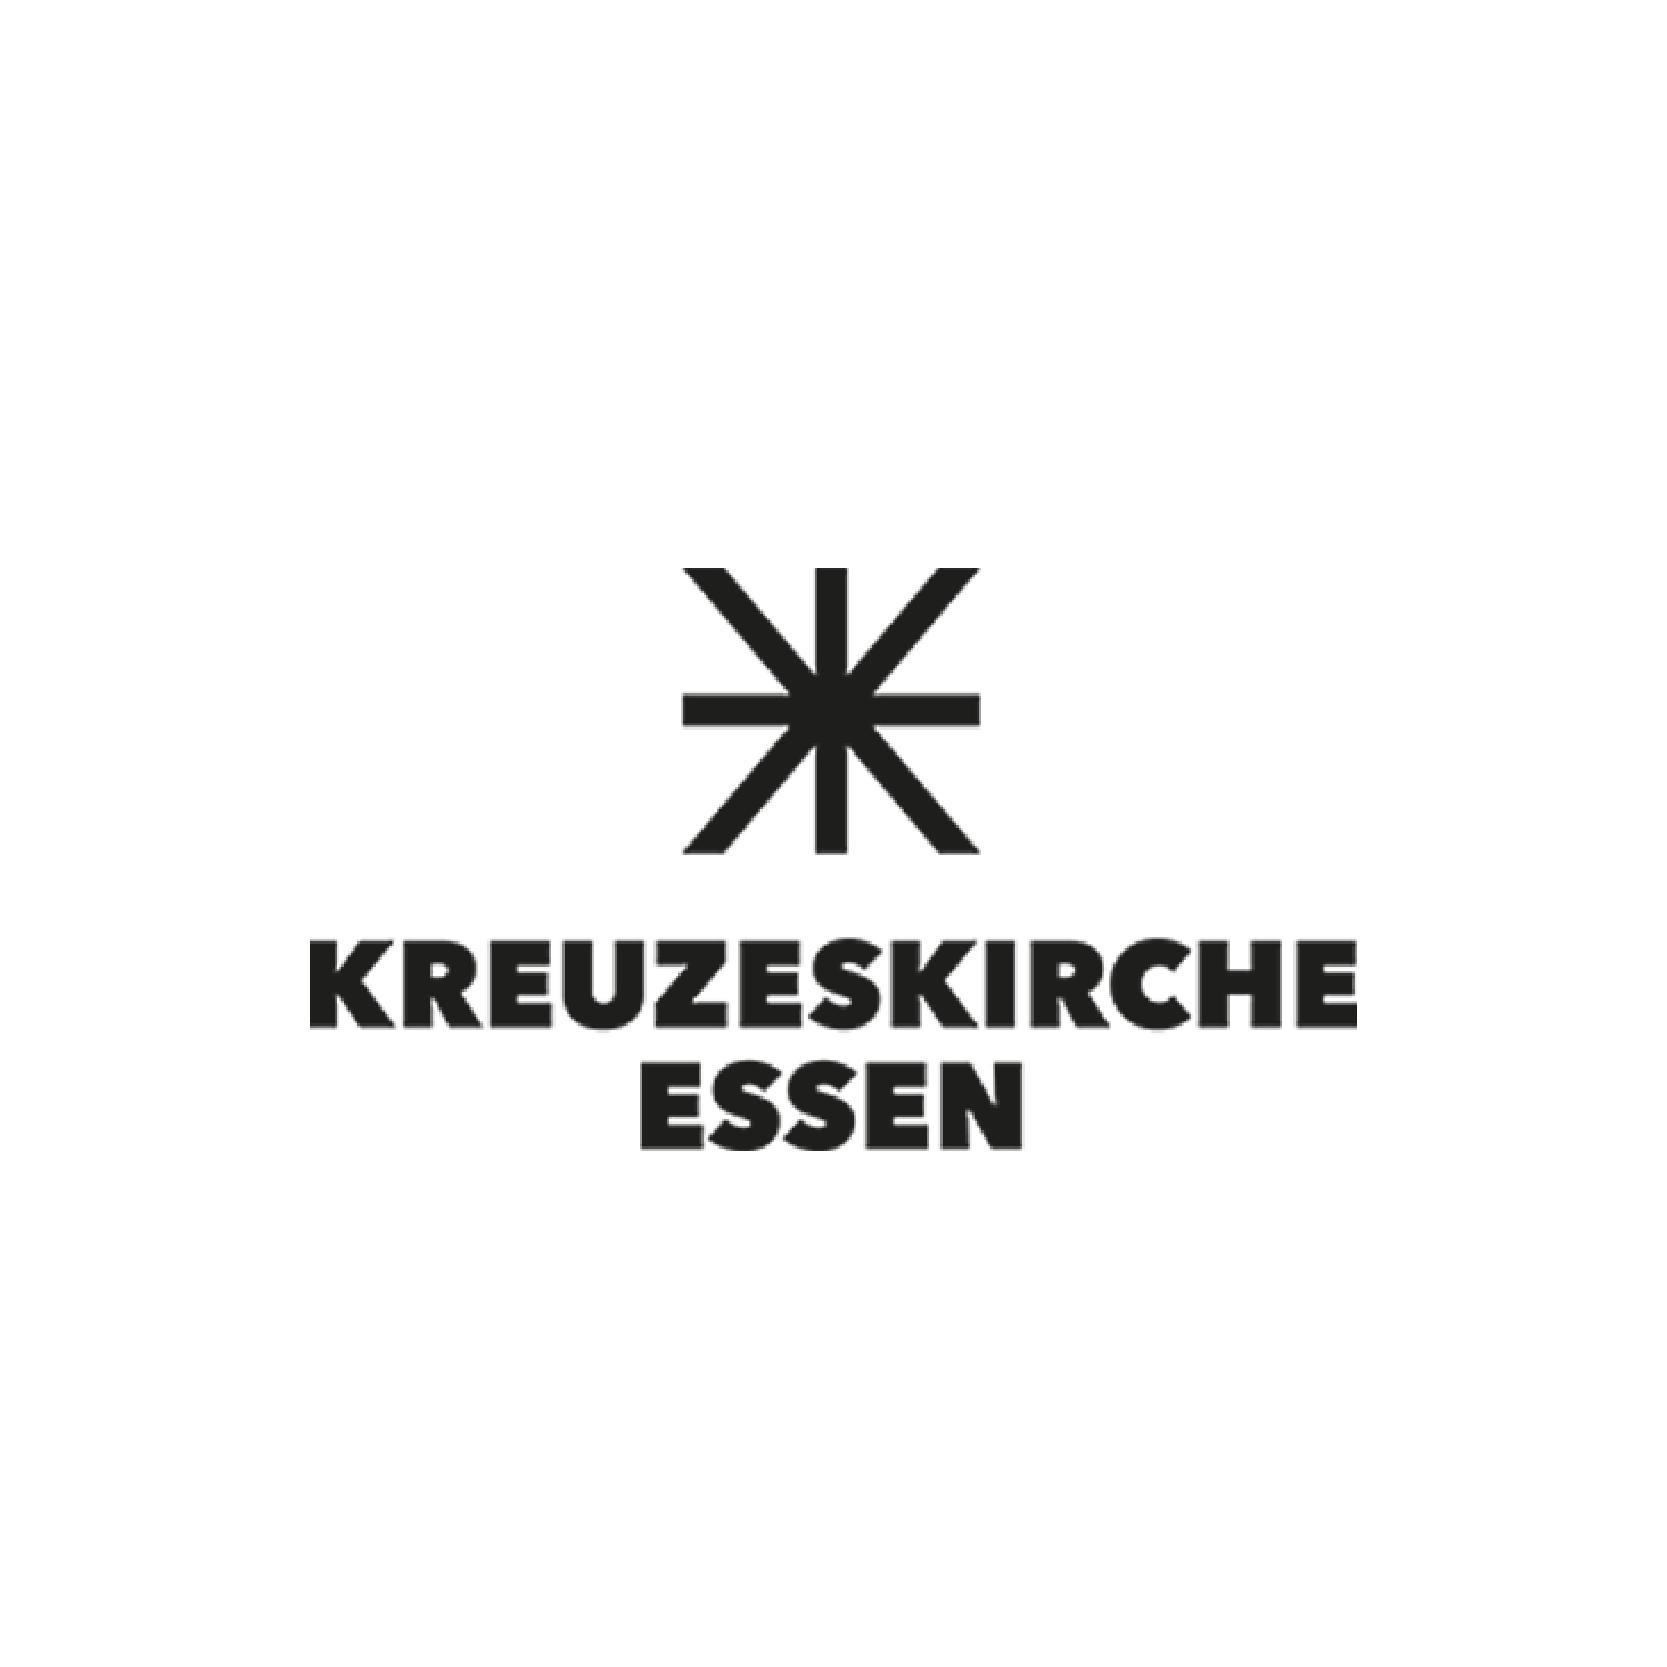 Kreuzeskirche Essen Logo